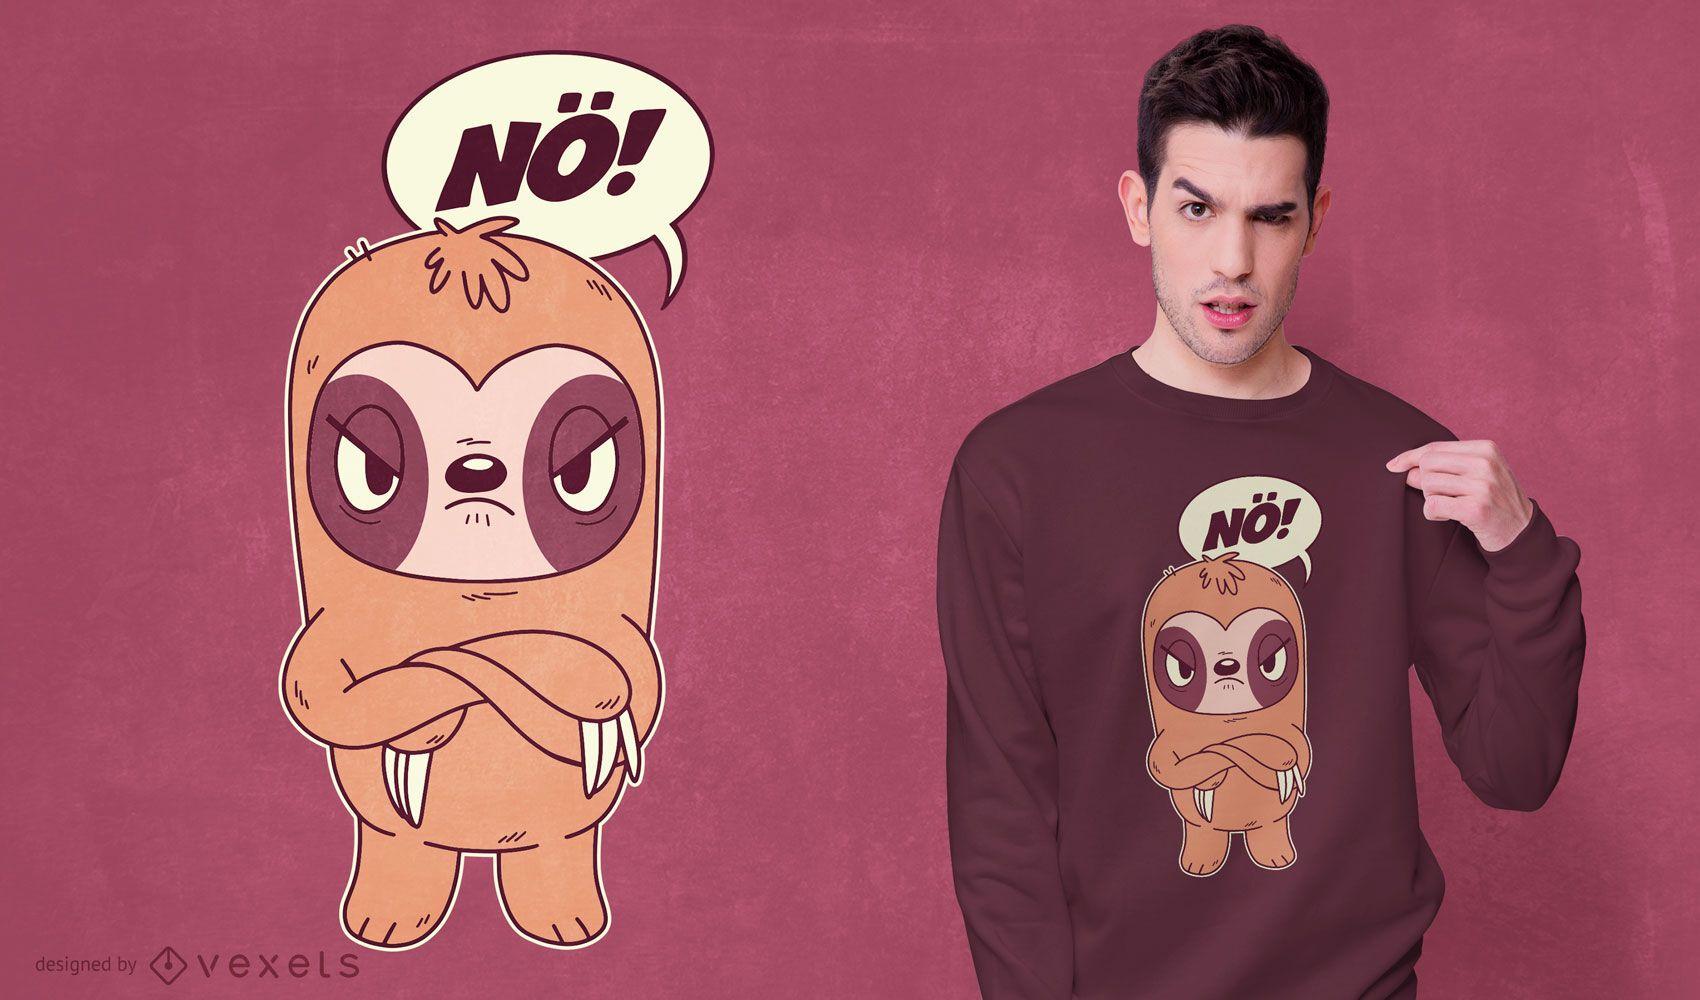 Angry sloth t-shirt design